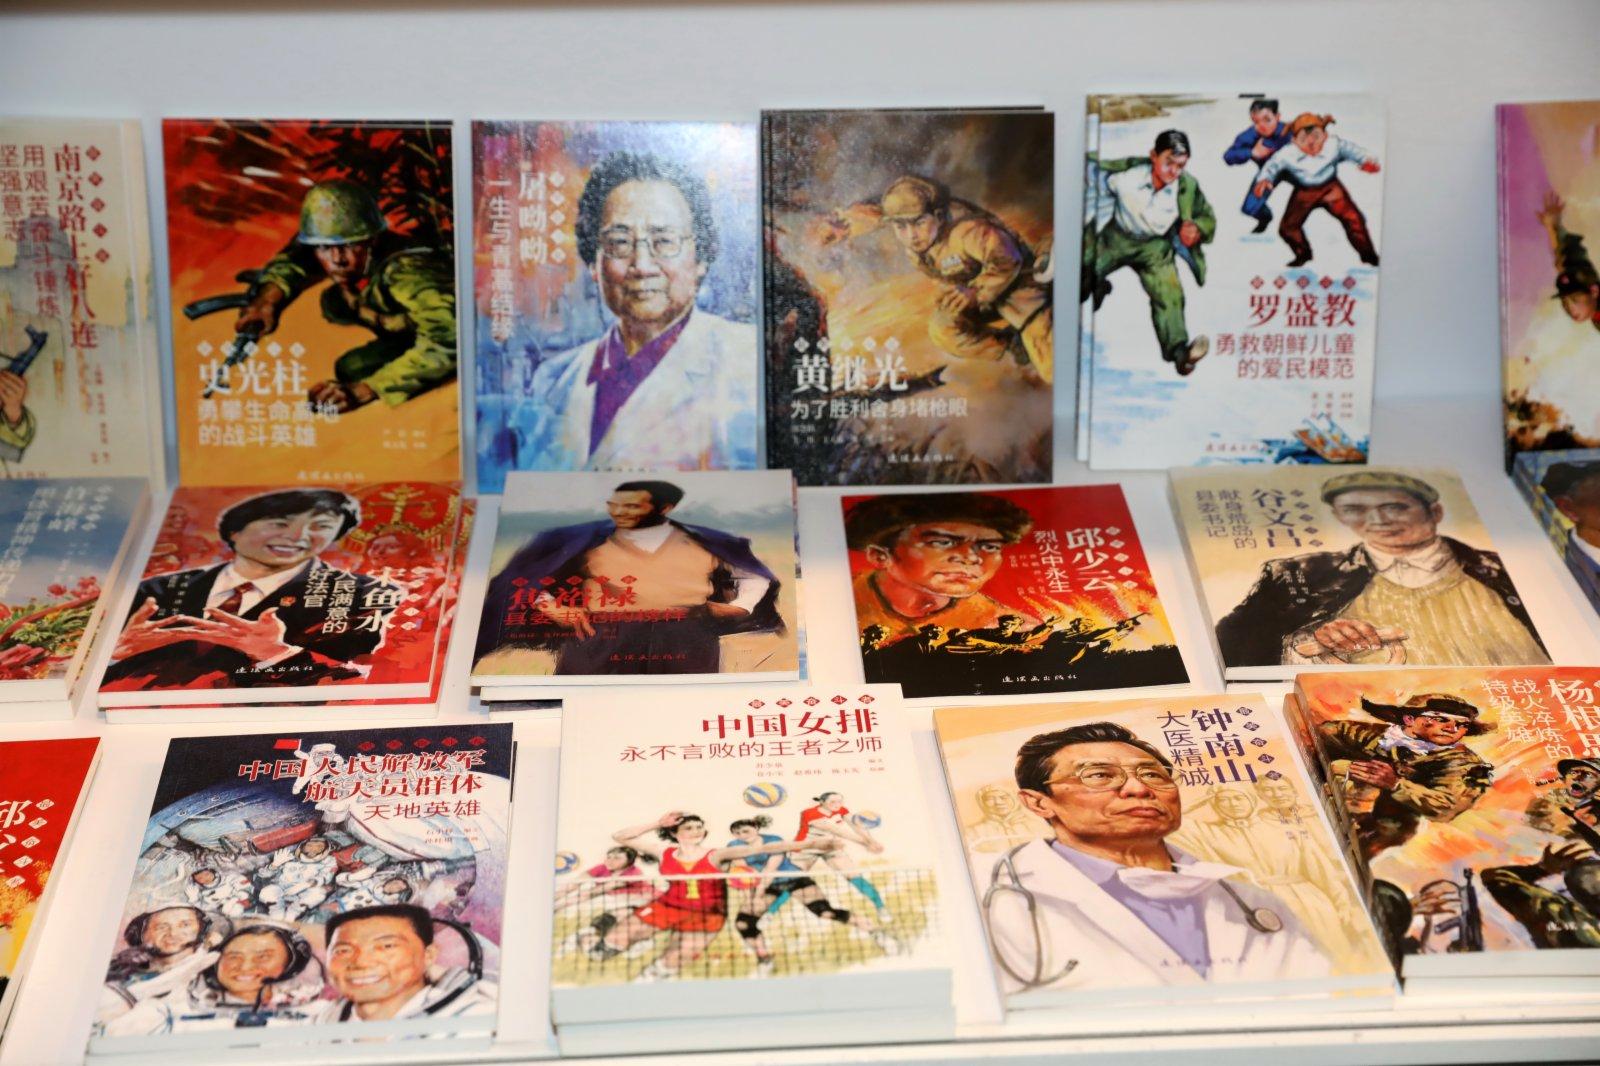 香港書展展出的書籍。(新華社)